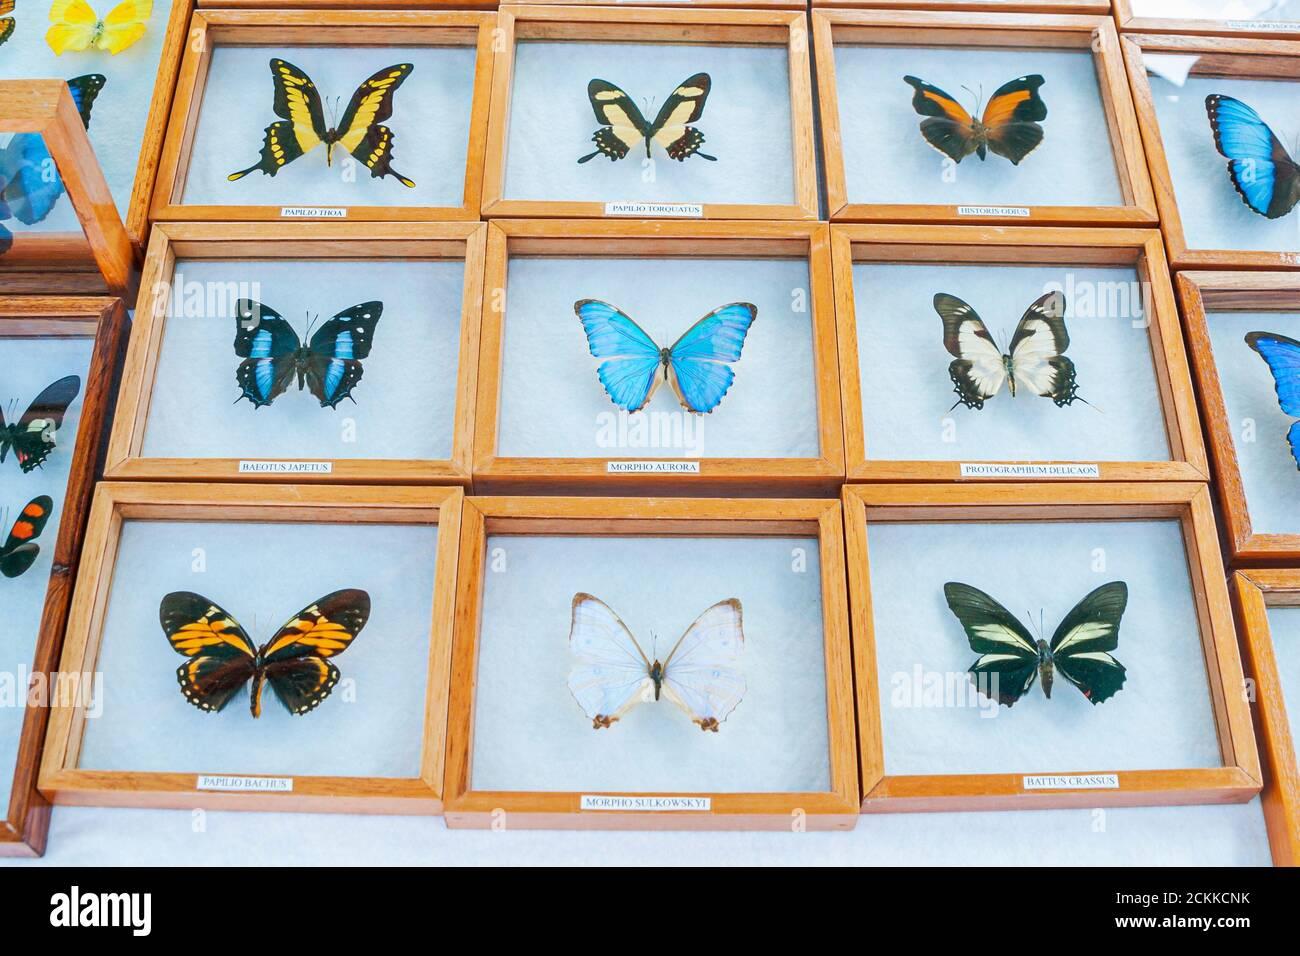 Florida Miami Beach papillons Amérique du Sud américain à vendre, marché aux puces marché, Banque D'Images